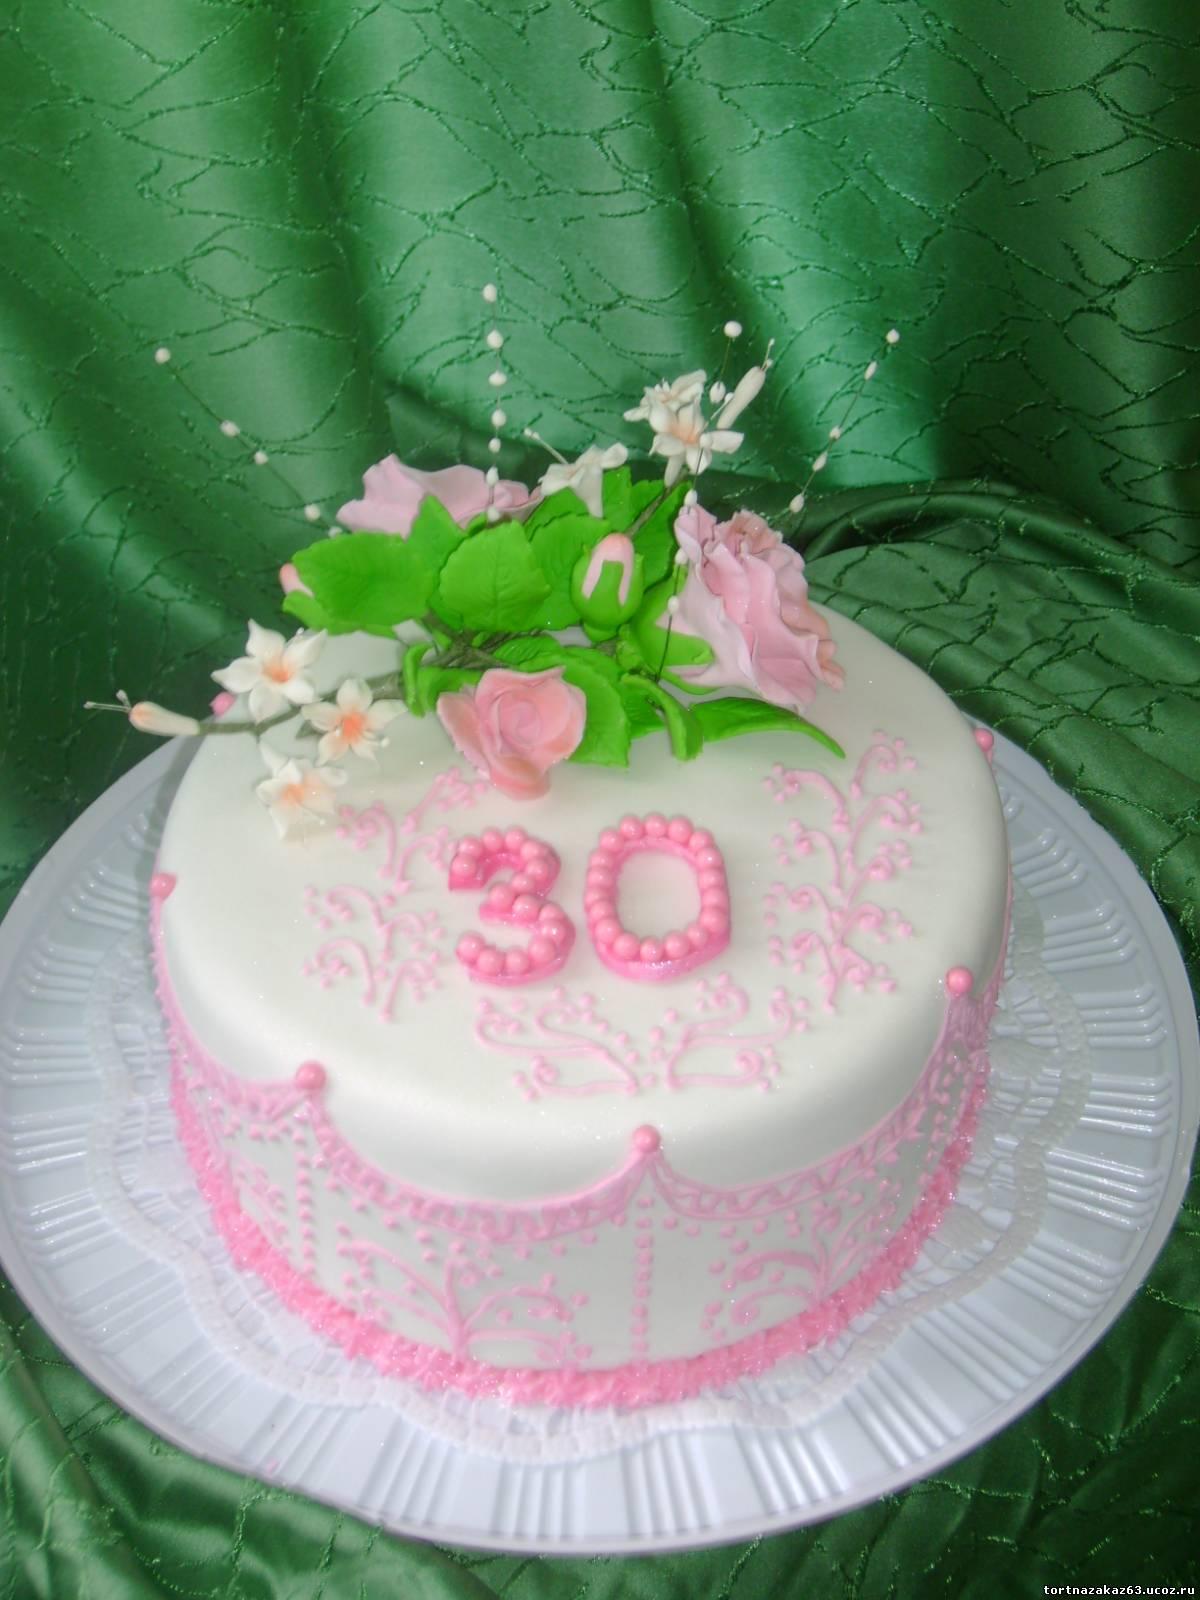 Поздравление с днем рождения женщине 55 лет в картинках 8